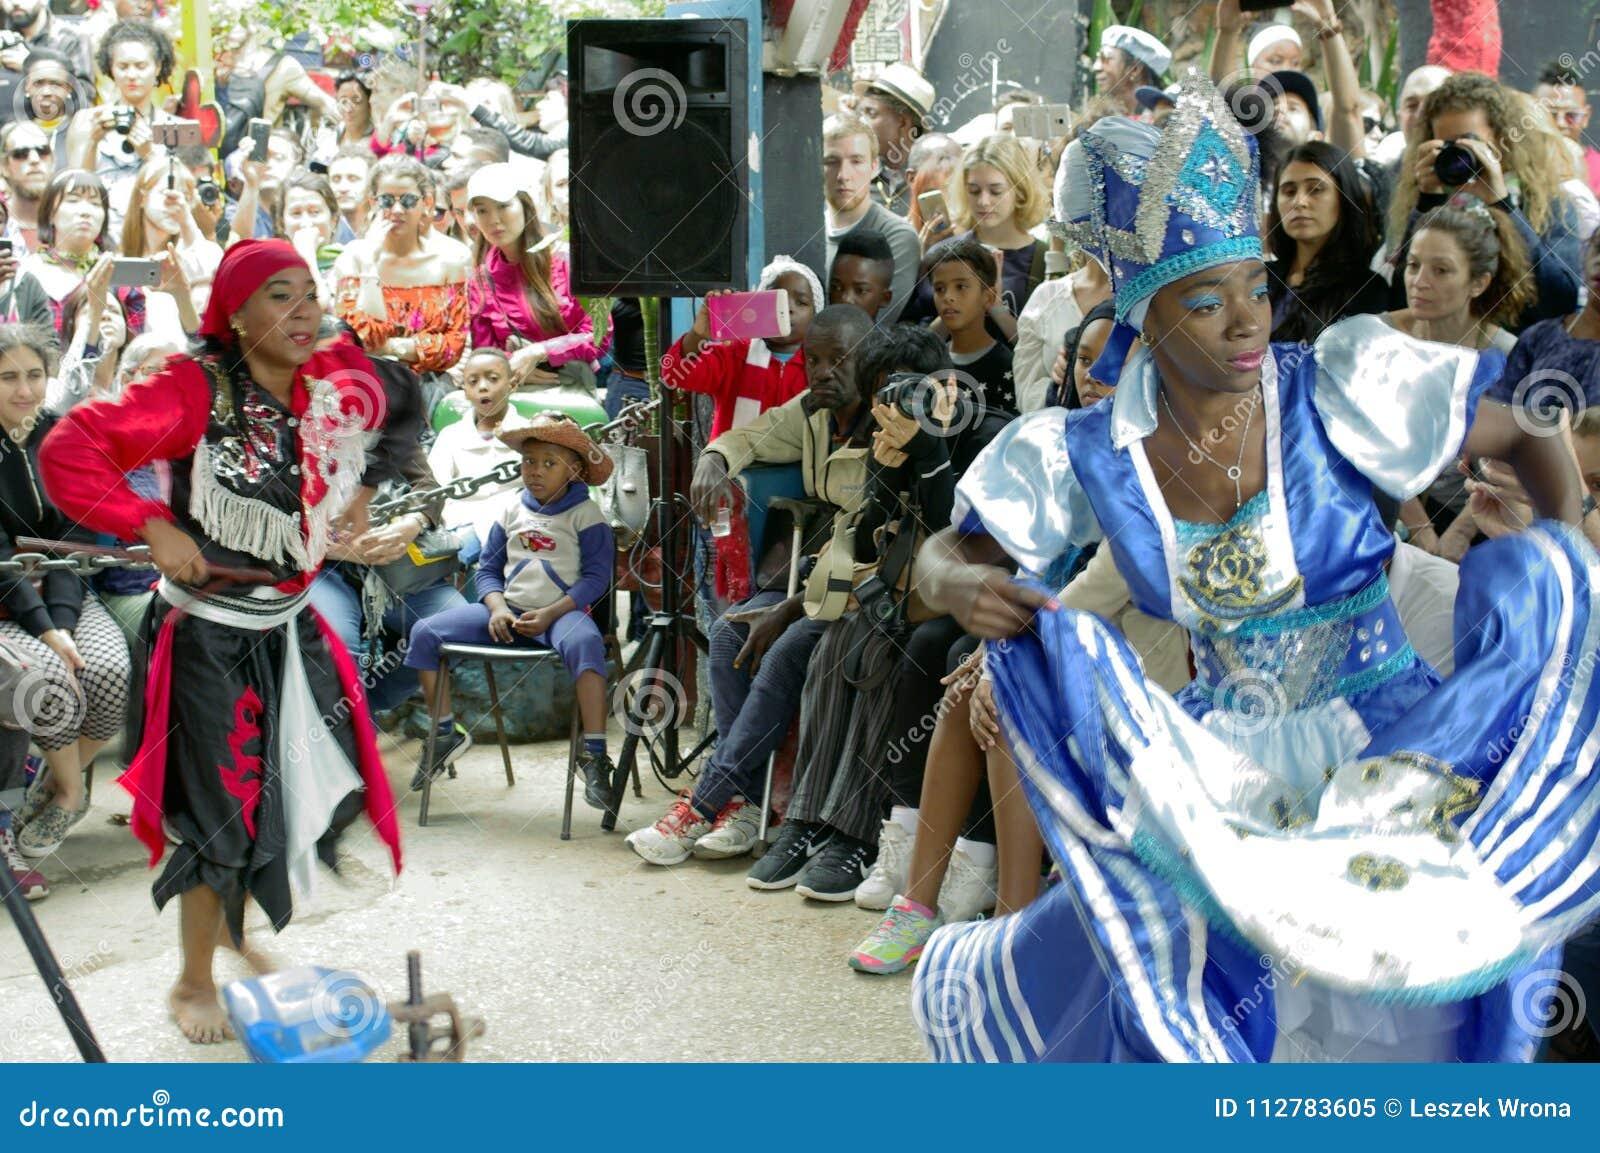 蓬松卷发古巴人文化和舞蹈执行者